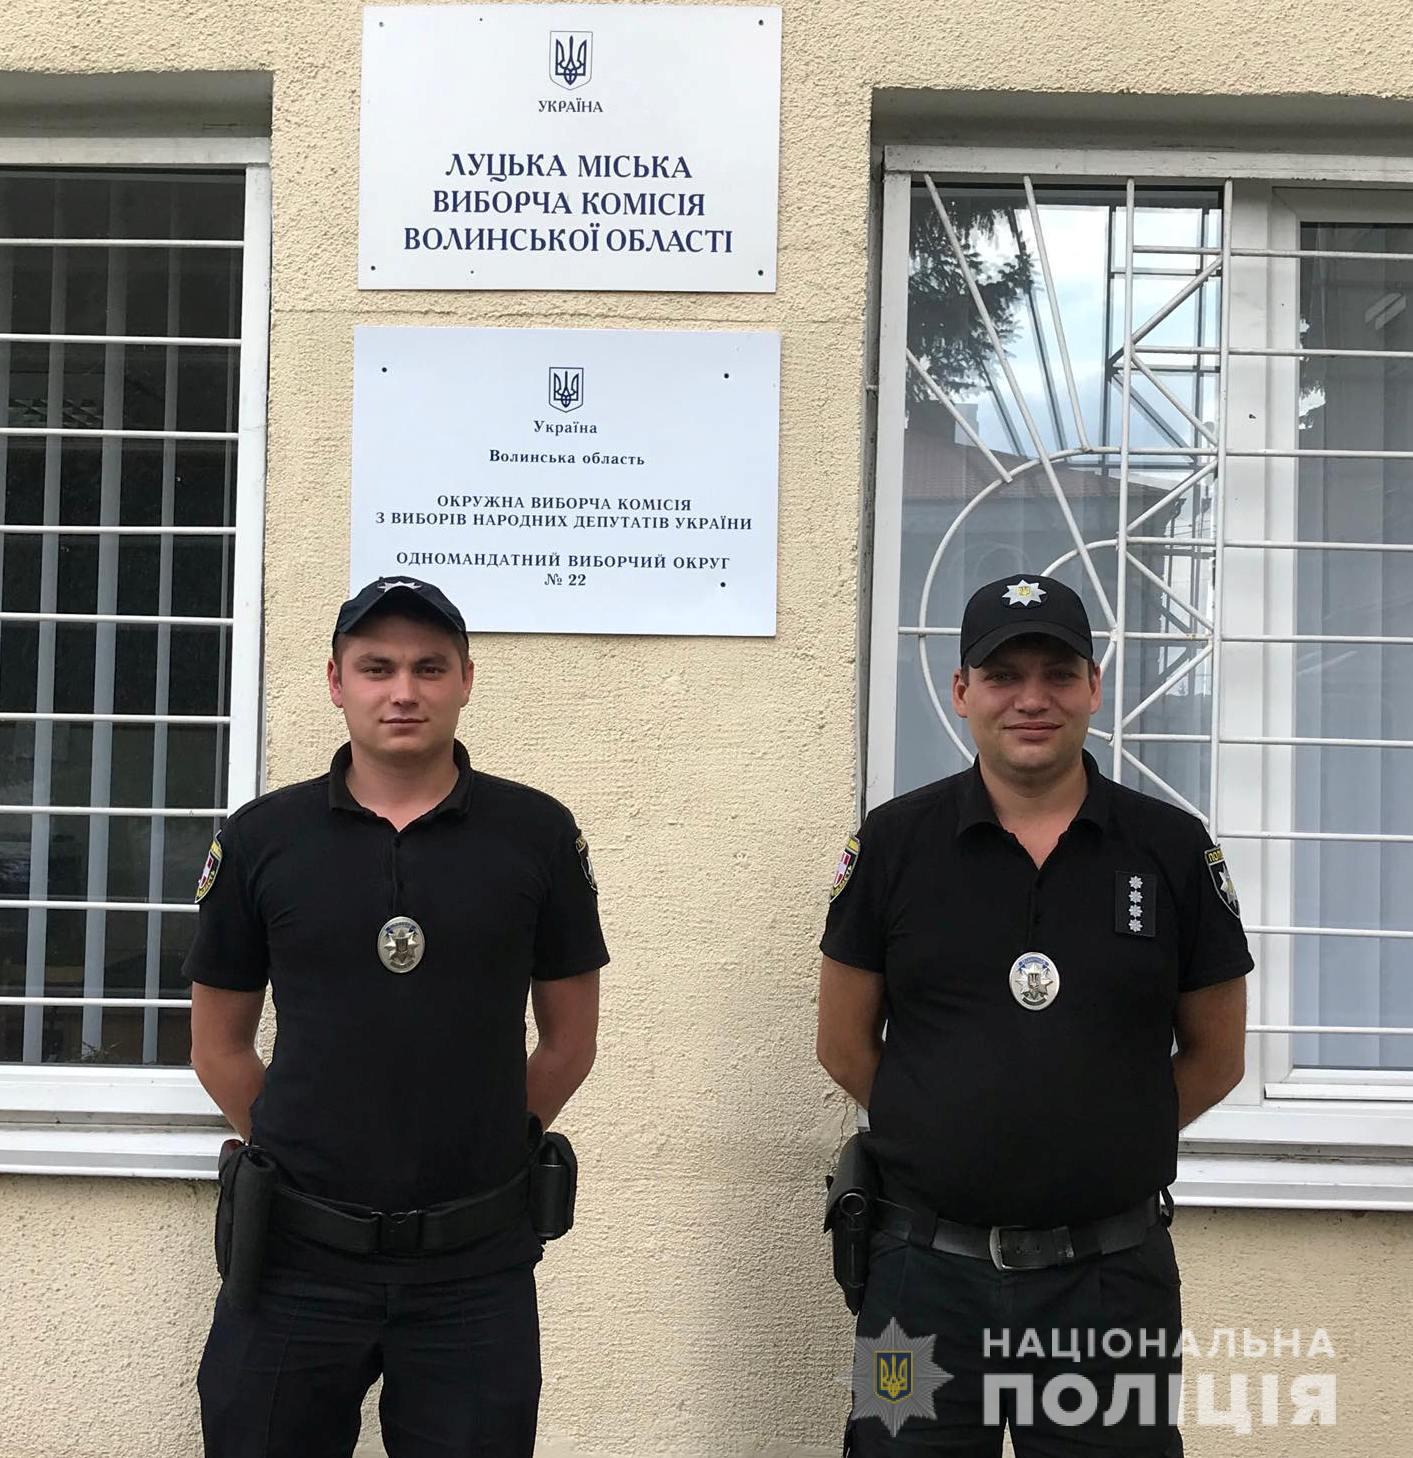 Волинські поліцейські почали охороняти окружні виборчі комісії